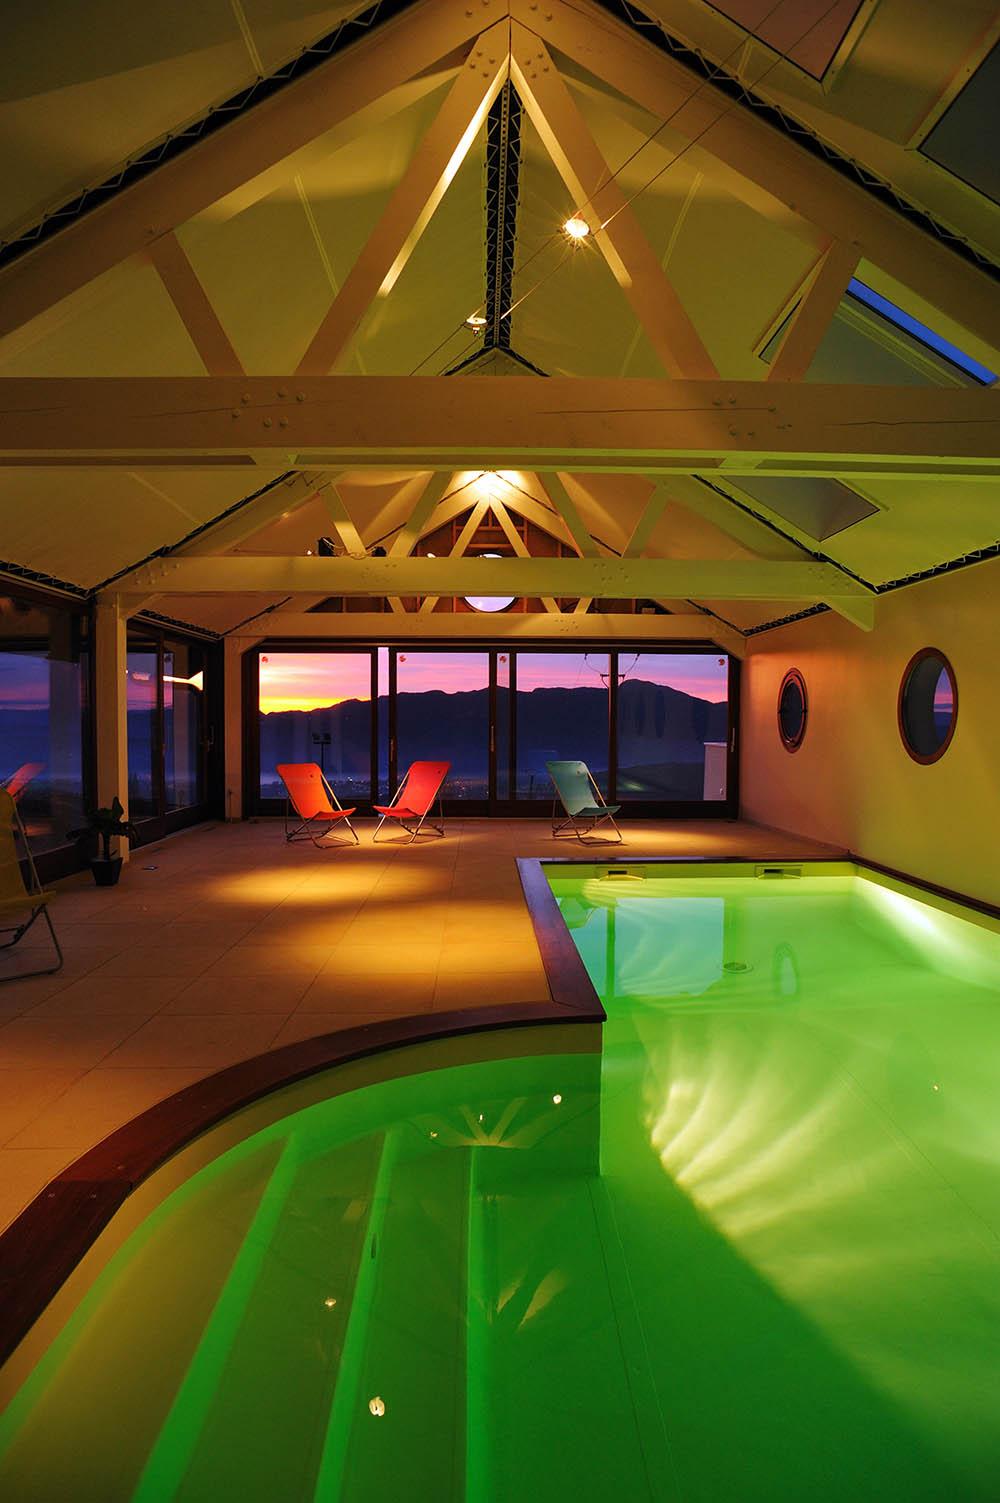 Faire Construire Une Piscine Intérieure une piscine intérieure : se baigner par tous les temps